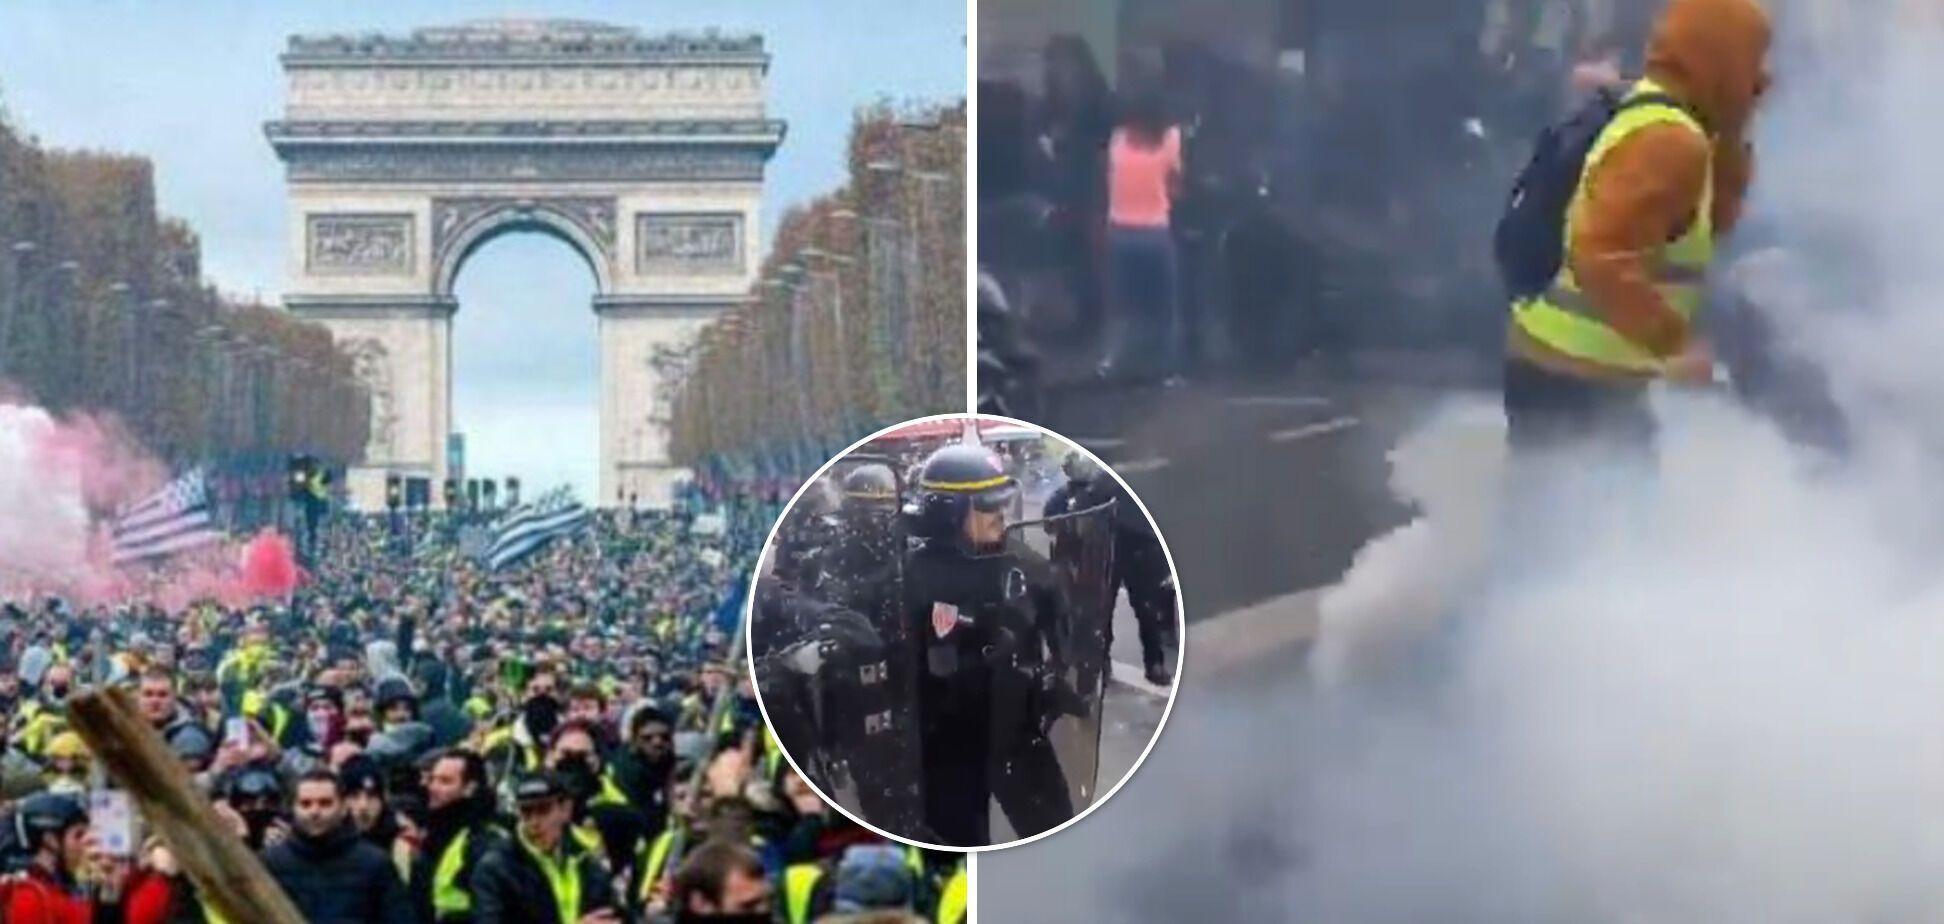 Массовые протесты вспыхнули во Франции